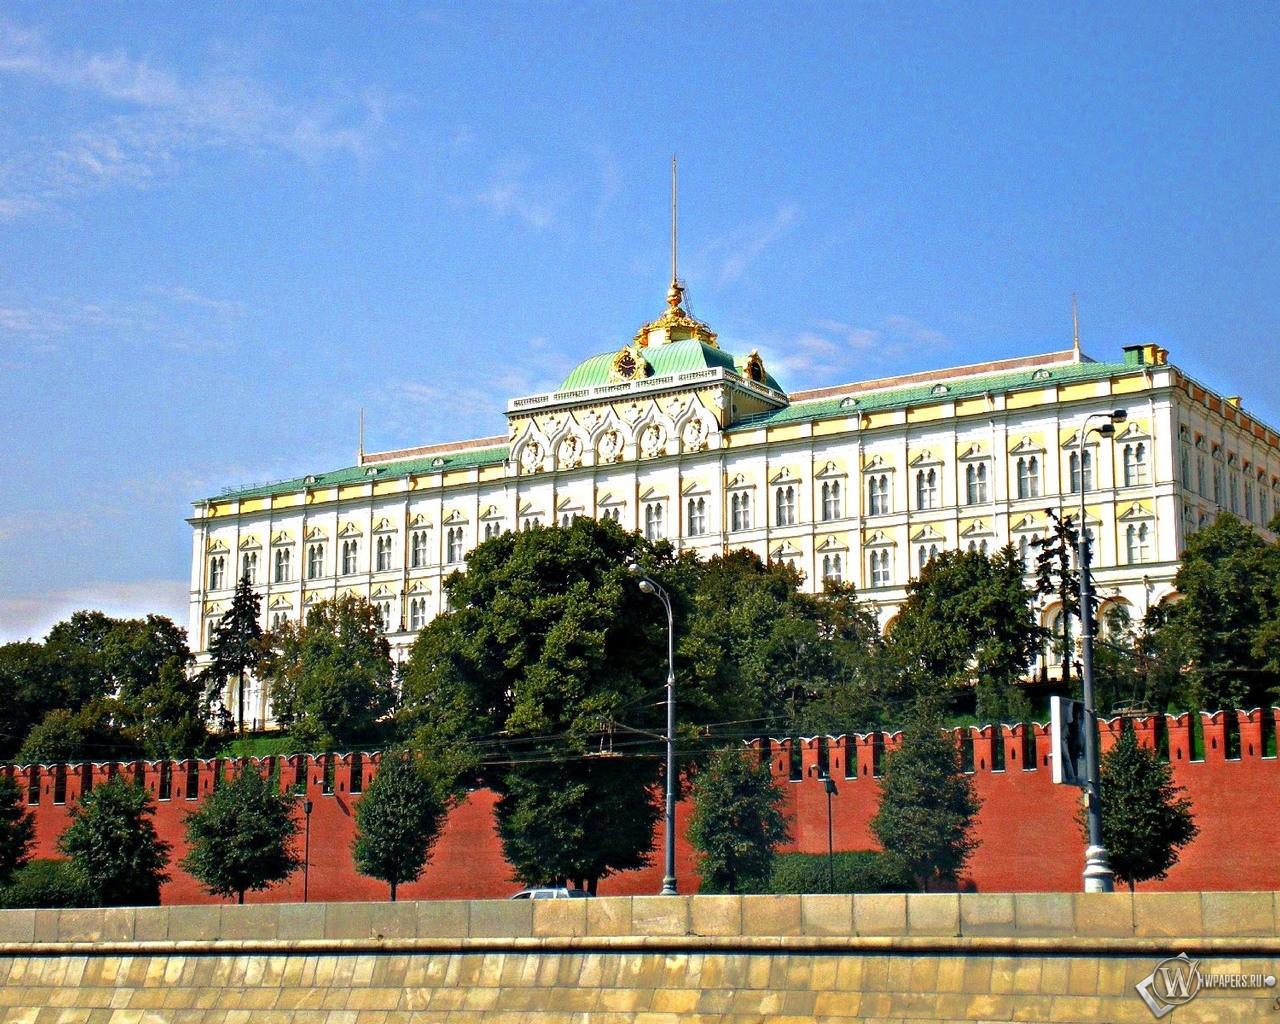 Большой кремлёвский дворец (Москва) 1280x1024